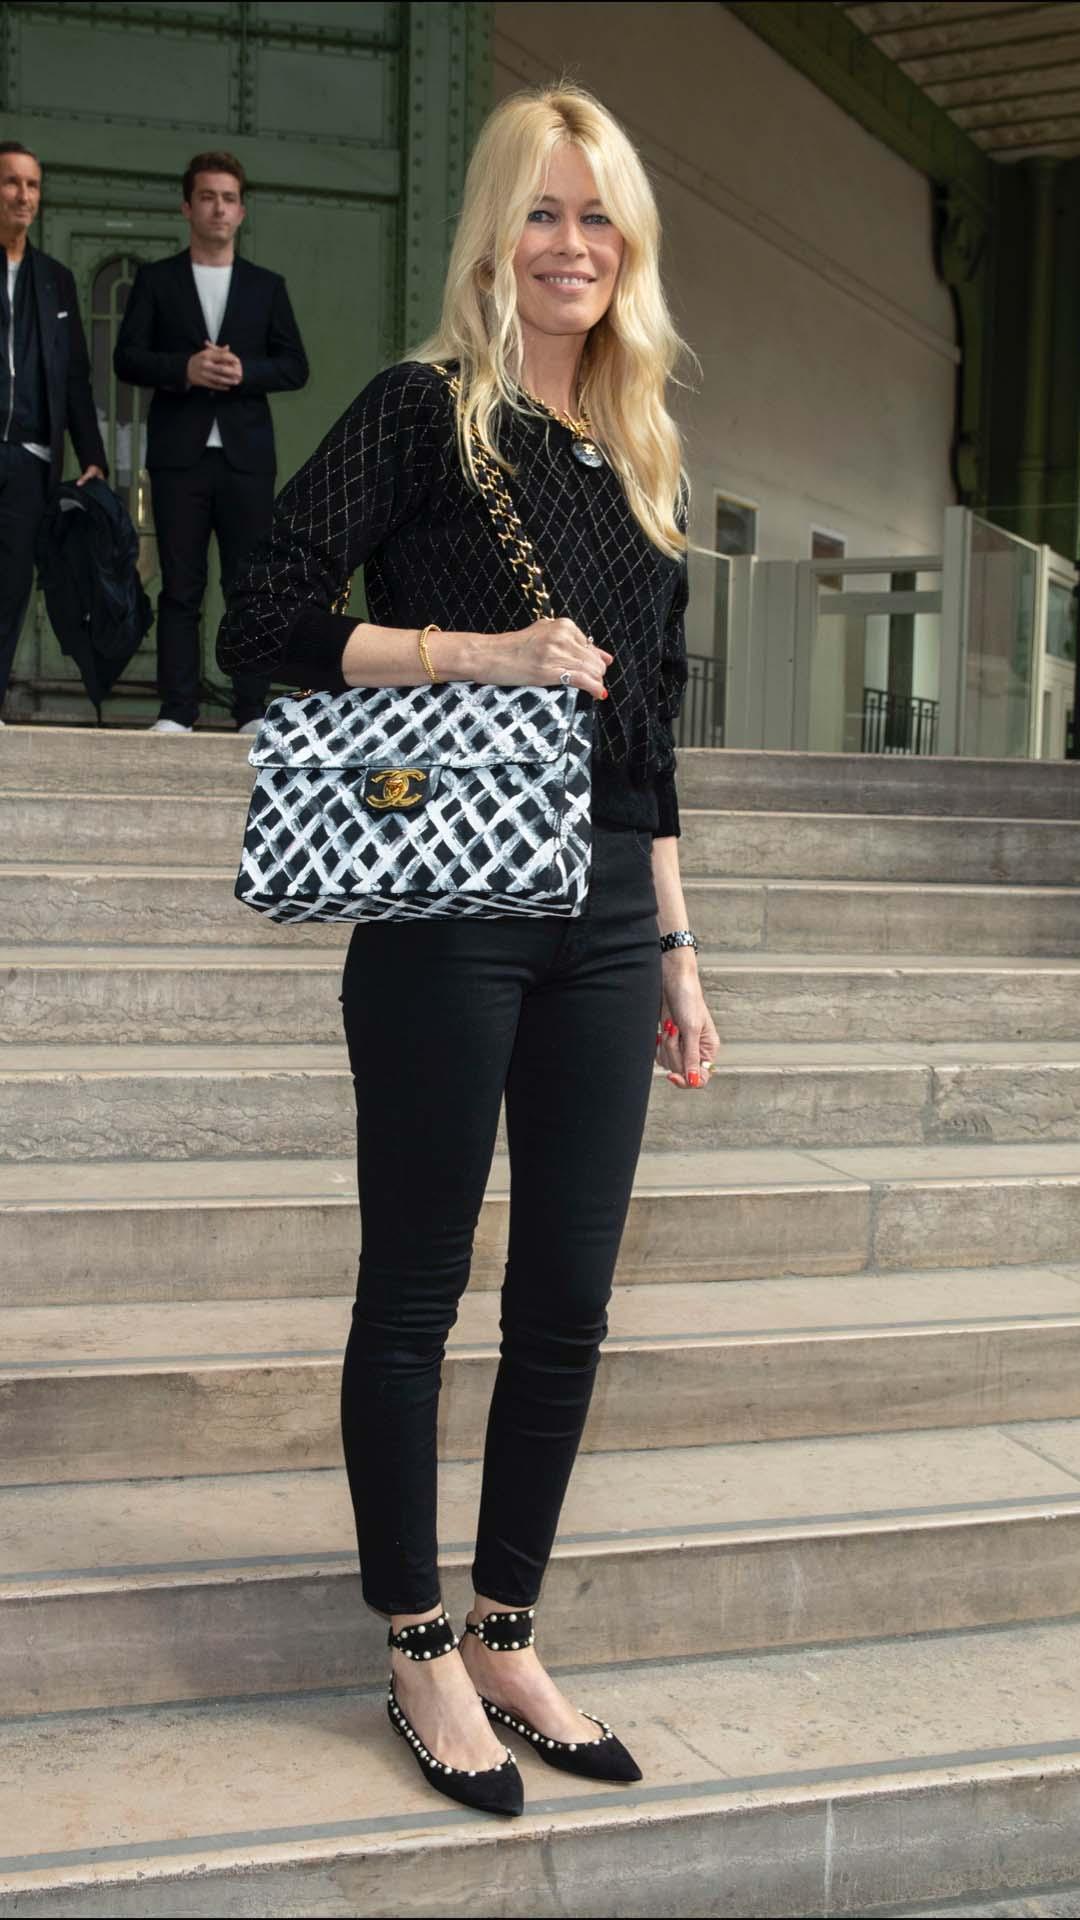 Claudia Schiffer también siguió el 'dress code' del evento con un 'total look' de la casa francesa. Llevó un suéter con pantalón negro, zapatos decorados con perlas y con pulsera al tobillo y un maxi bolso de Chanel.